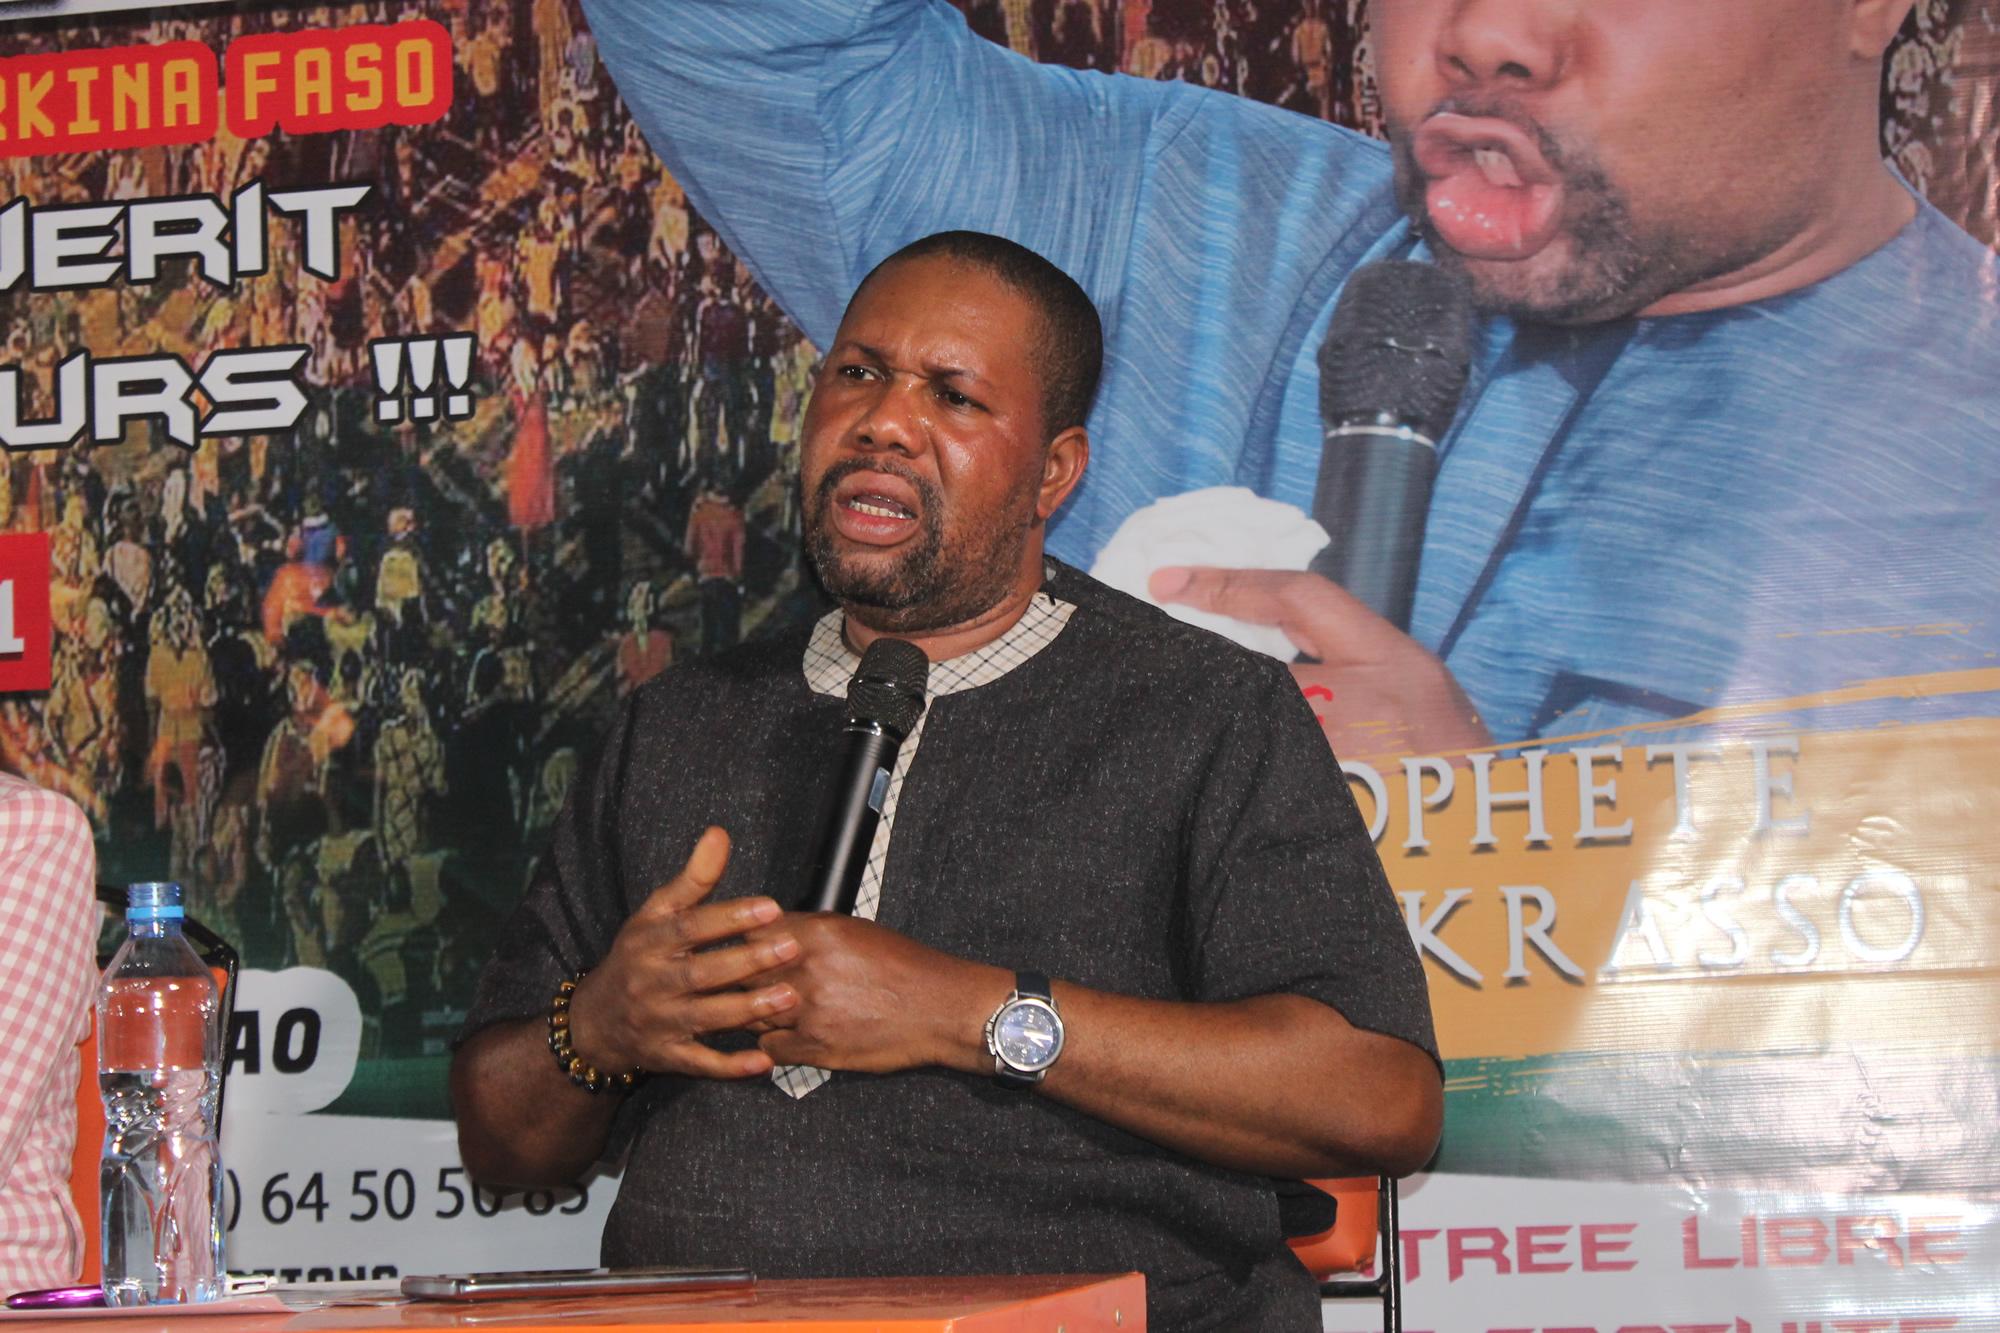 Le prophète Joël Krasso au Burkina Faso pour une grande mission d'évangélisation le 15 janvier 2020